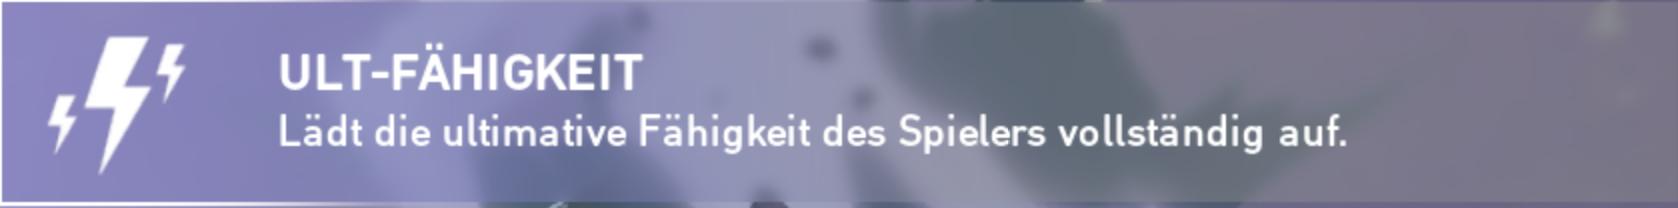 Valorant Spielmodi Spike-Ansturm Ult-Fähigkeit - Haton.net